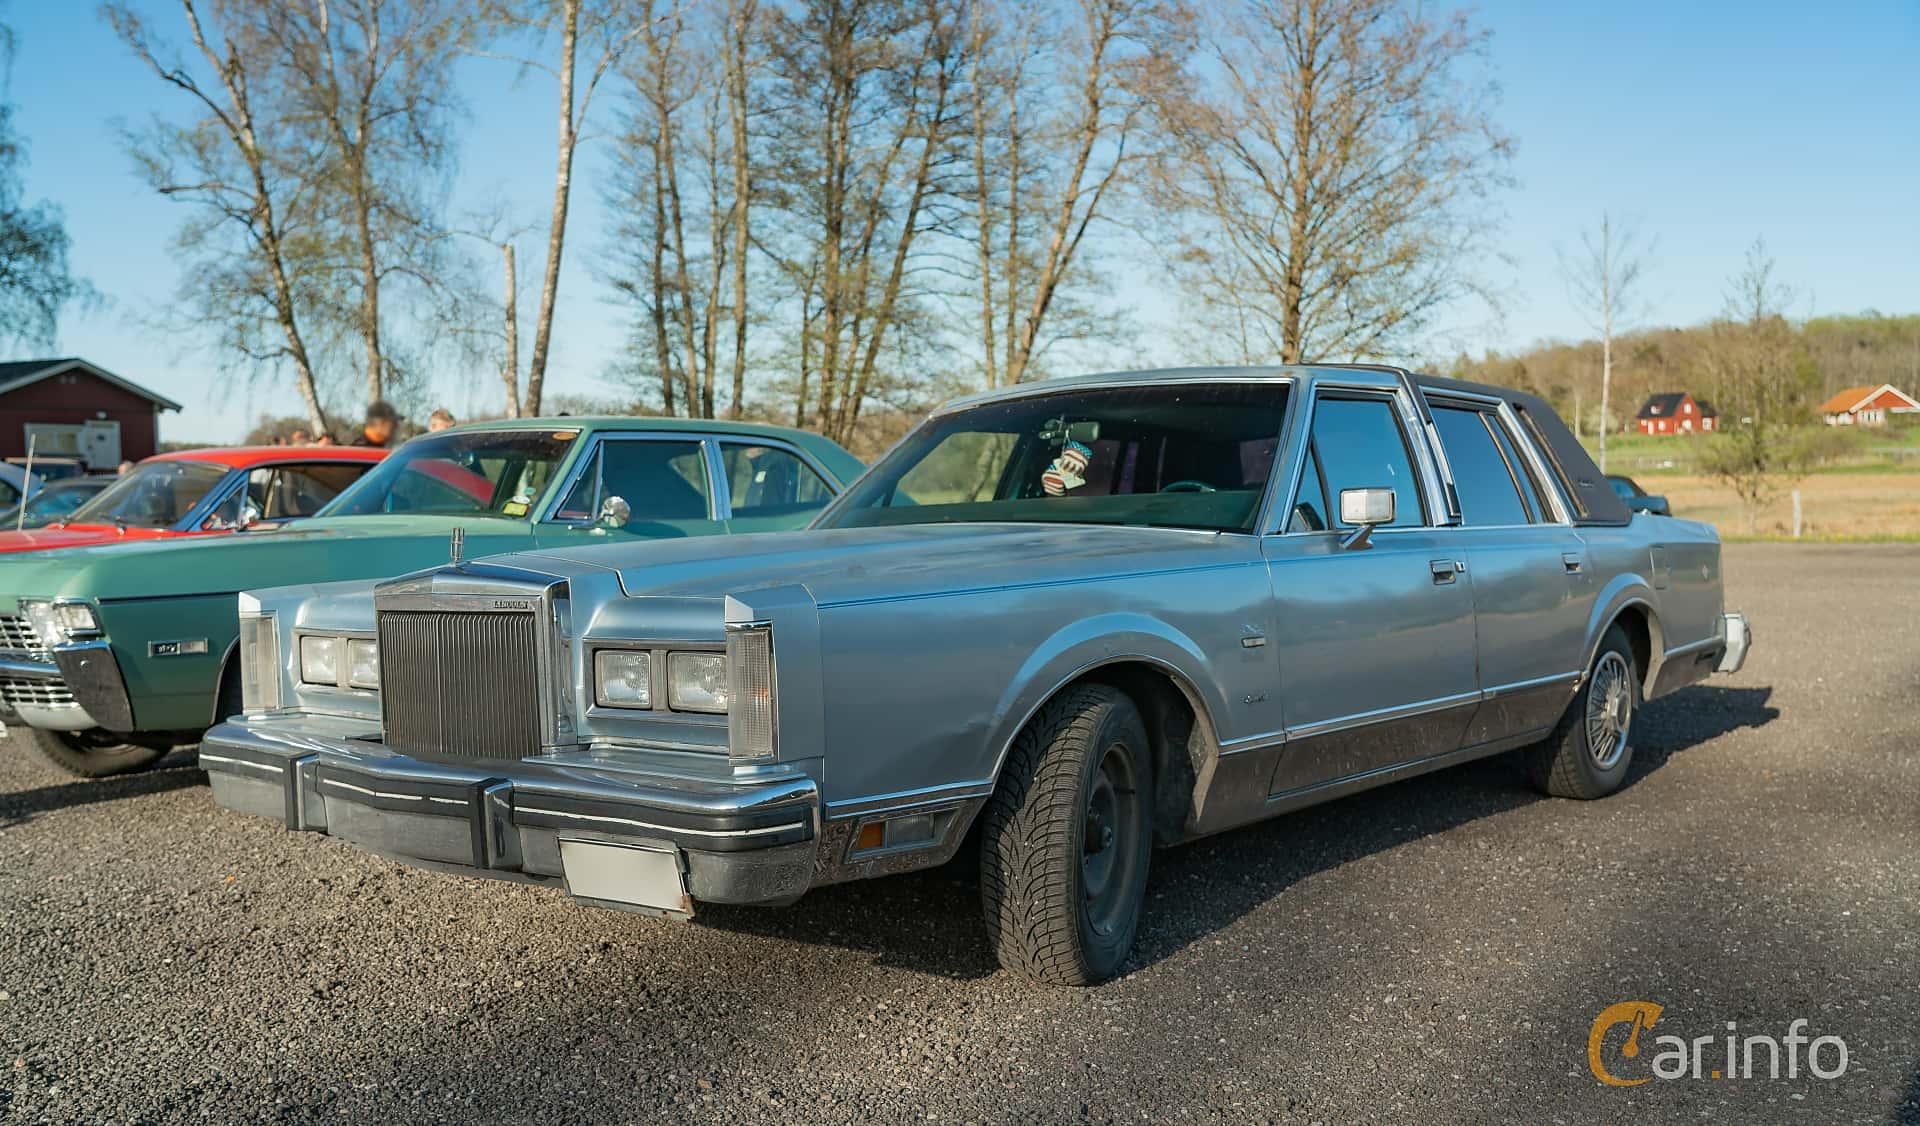 Lincoln Town Car 4-dörrar 4.9 V8 Automatisk, 142hk, 1984 at Lissma Classic Car 2019 vecka 20